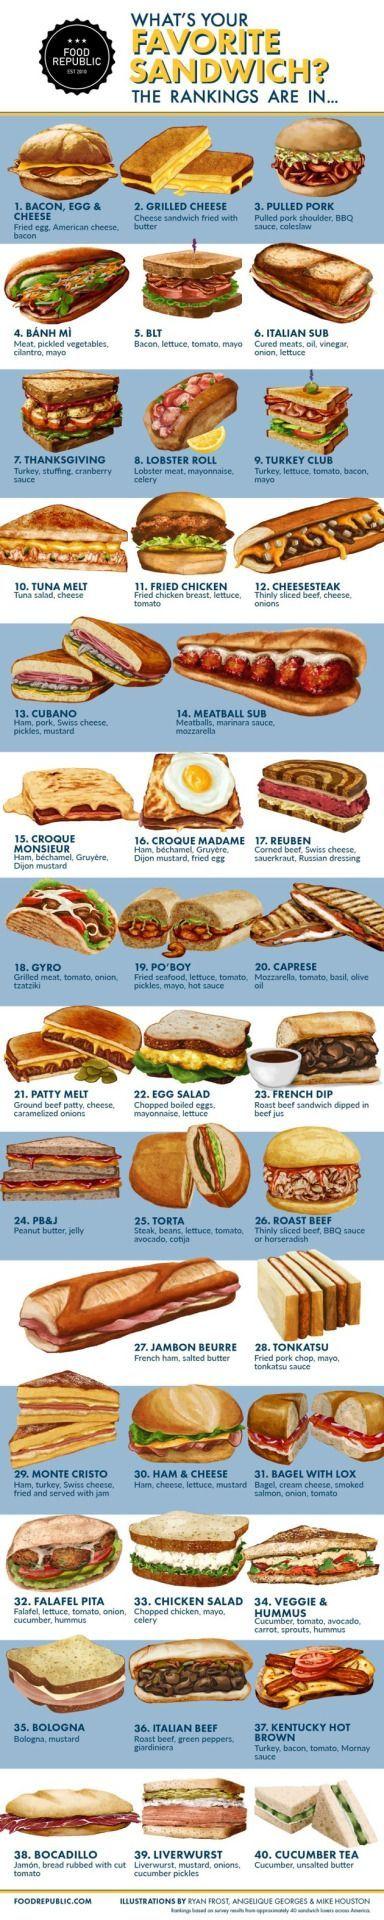 ^*) 目玉焼き、ベーコン、チーズの組み合わせは危険^^; | https://lomejordelaweb.es/